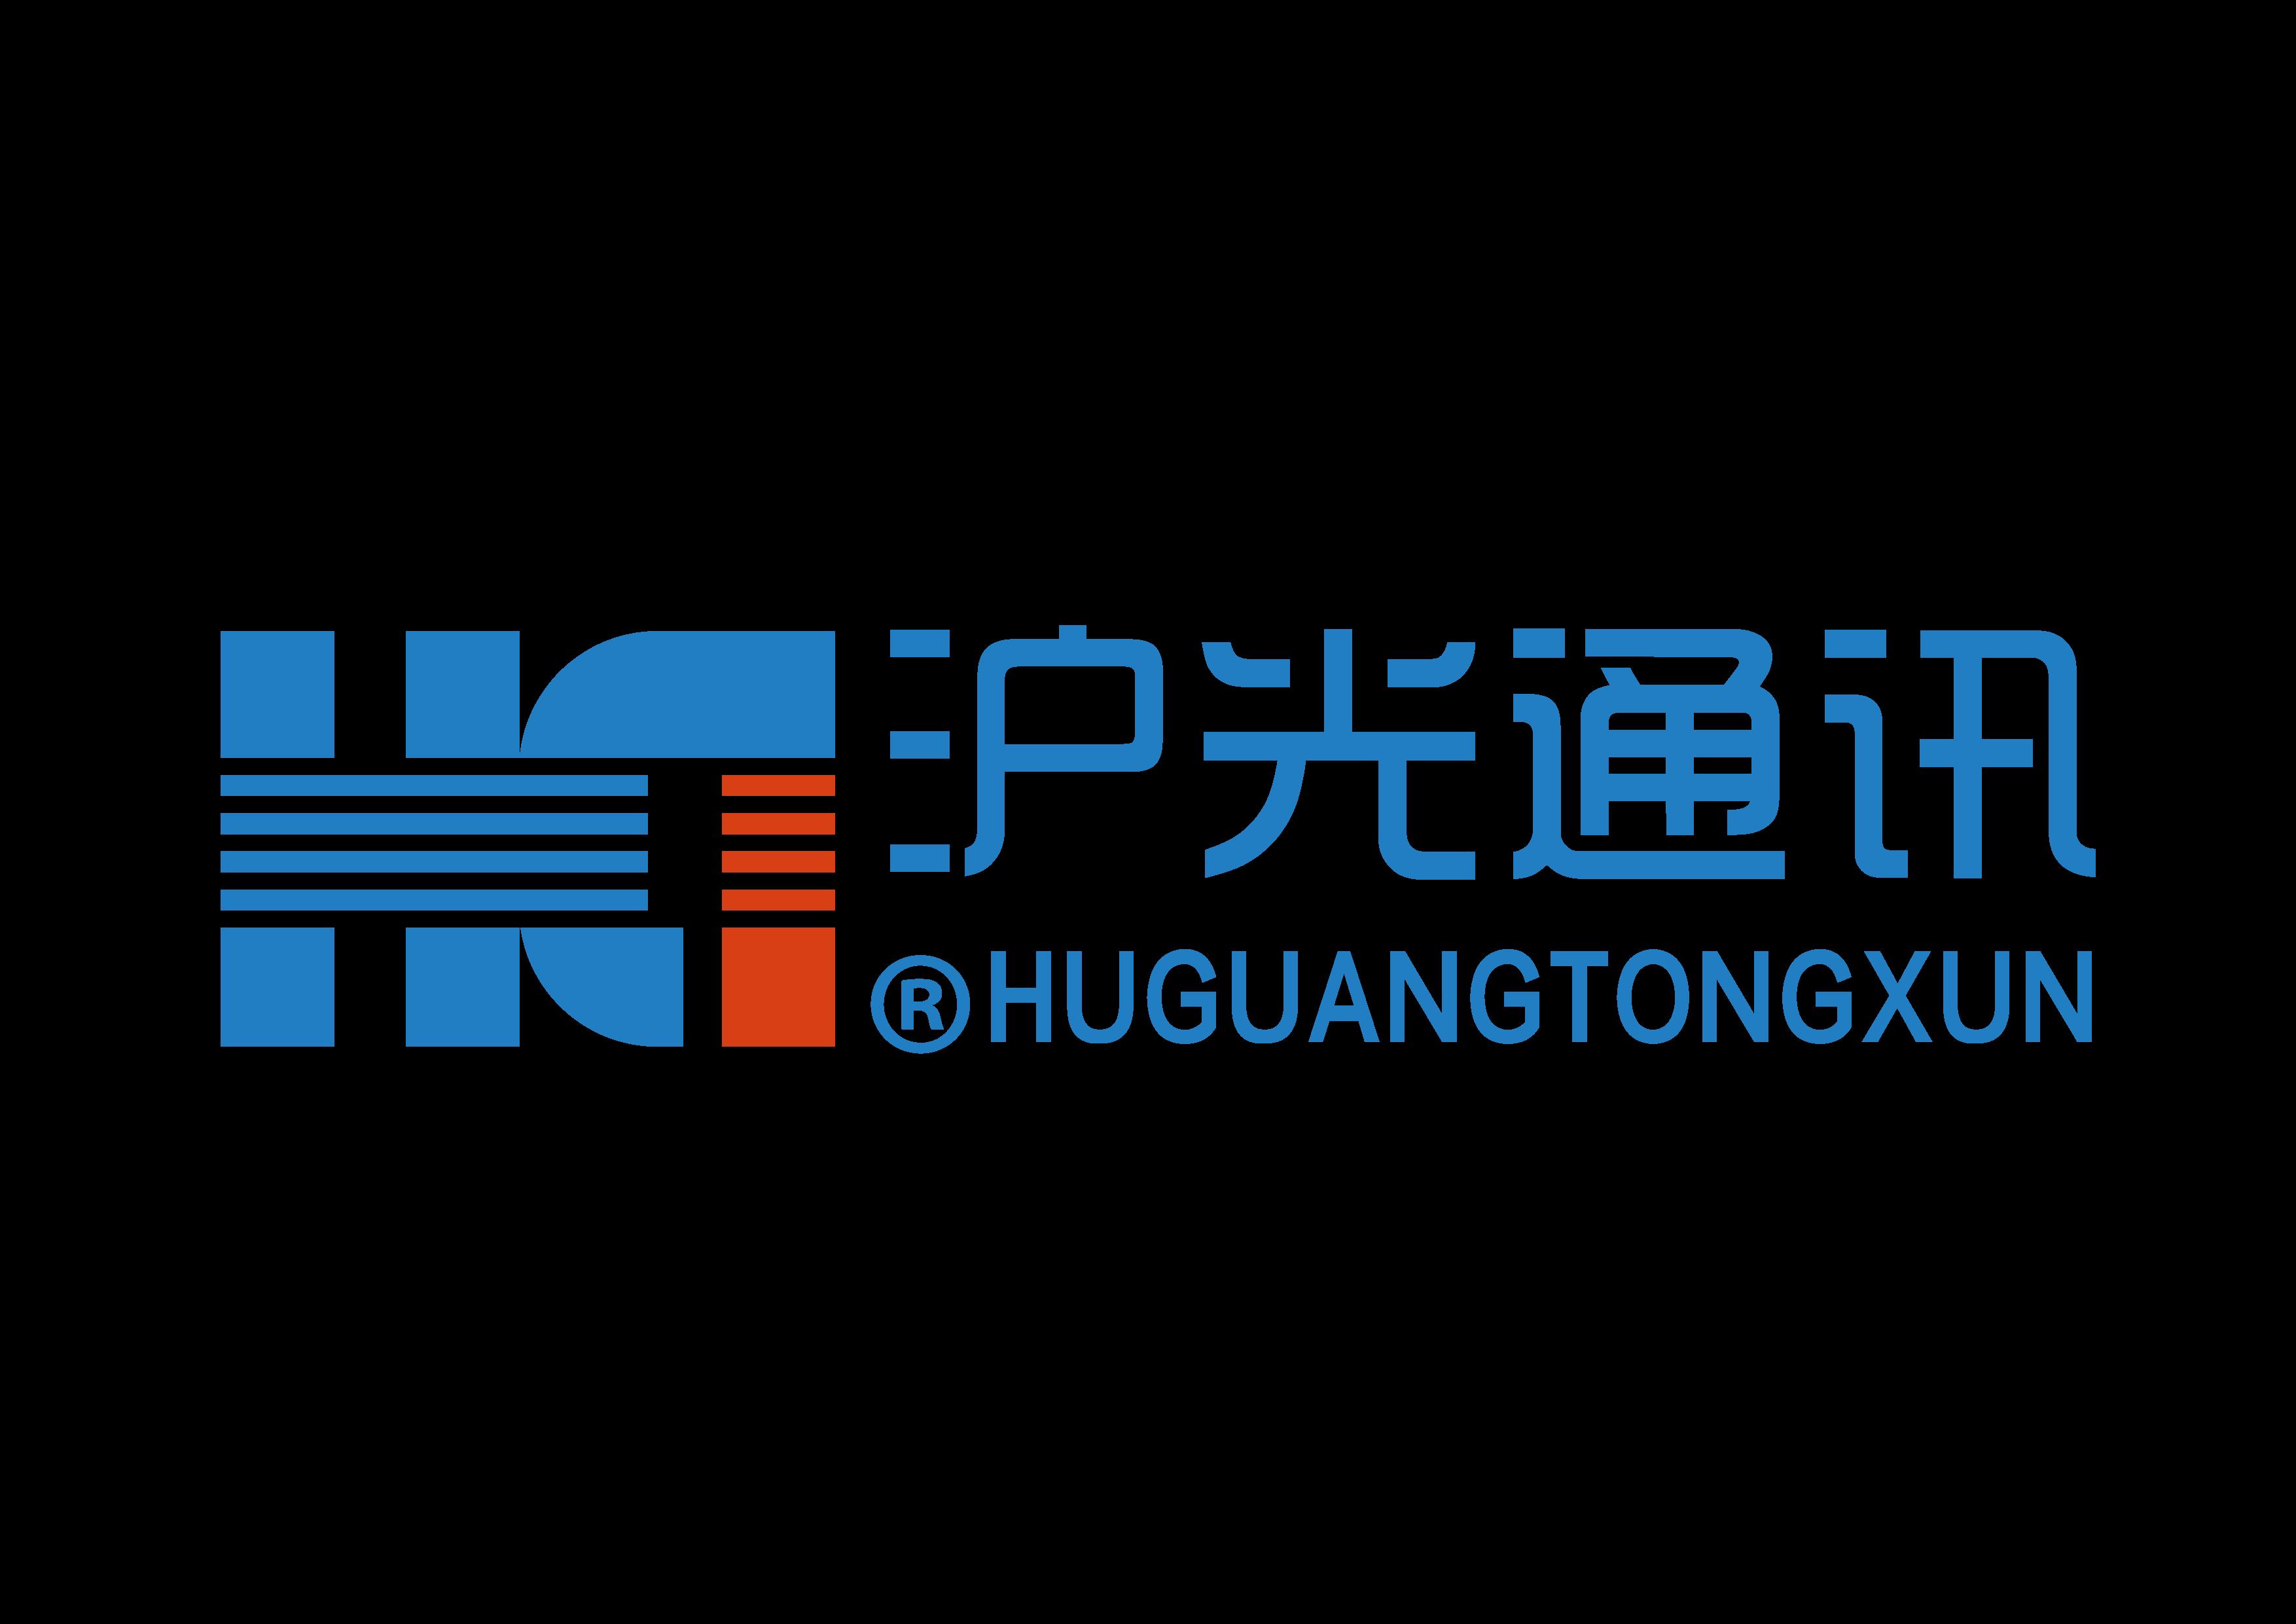 上海沪光通讯设备有限公司